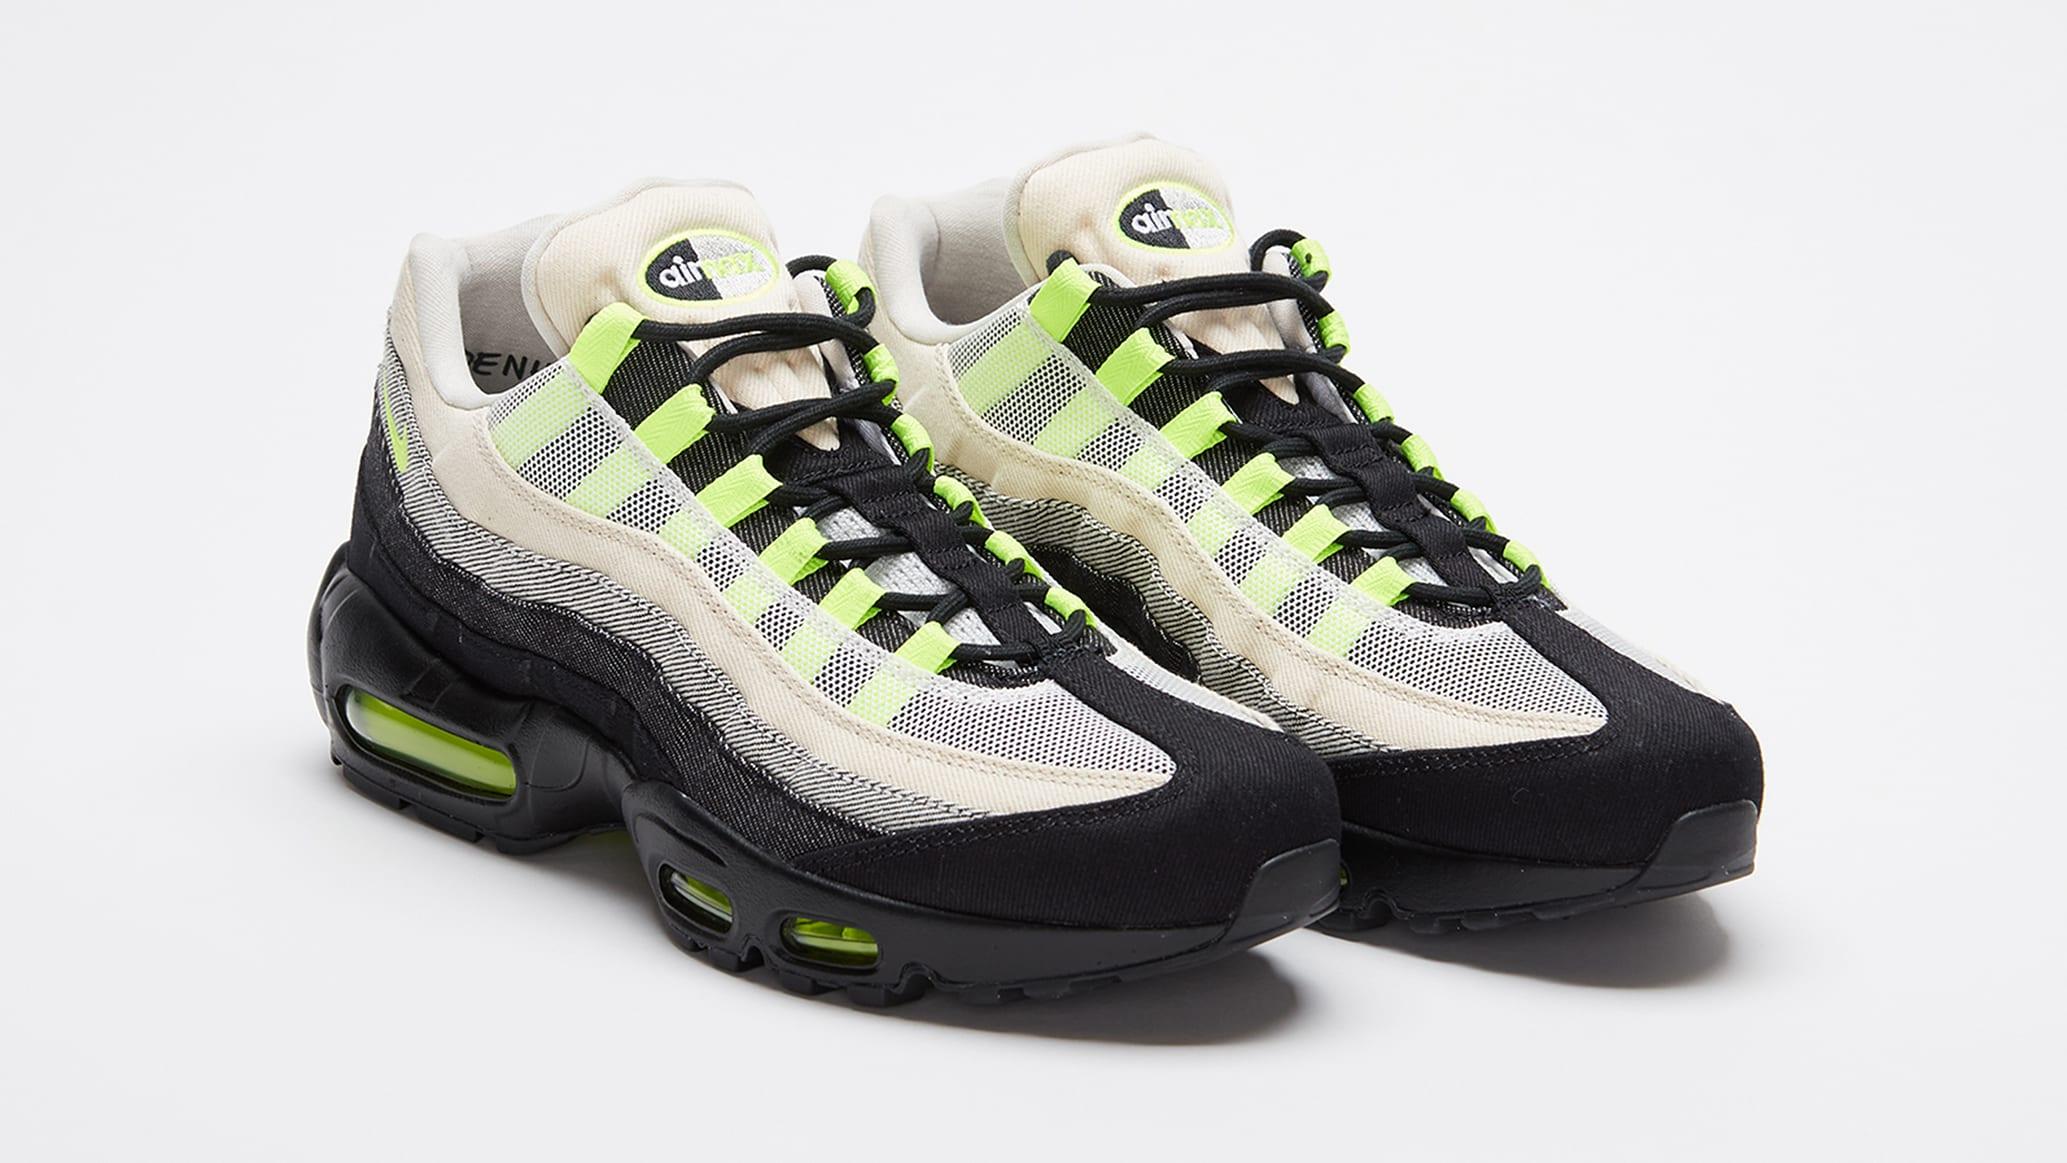 Denham x Nike Air Max 95 Pair